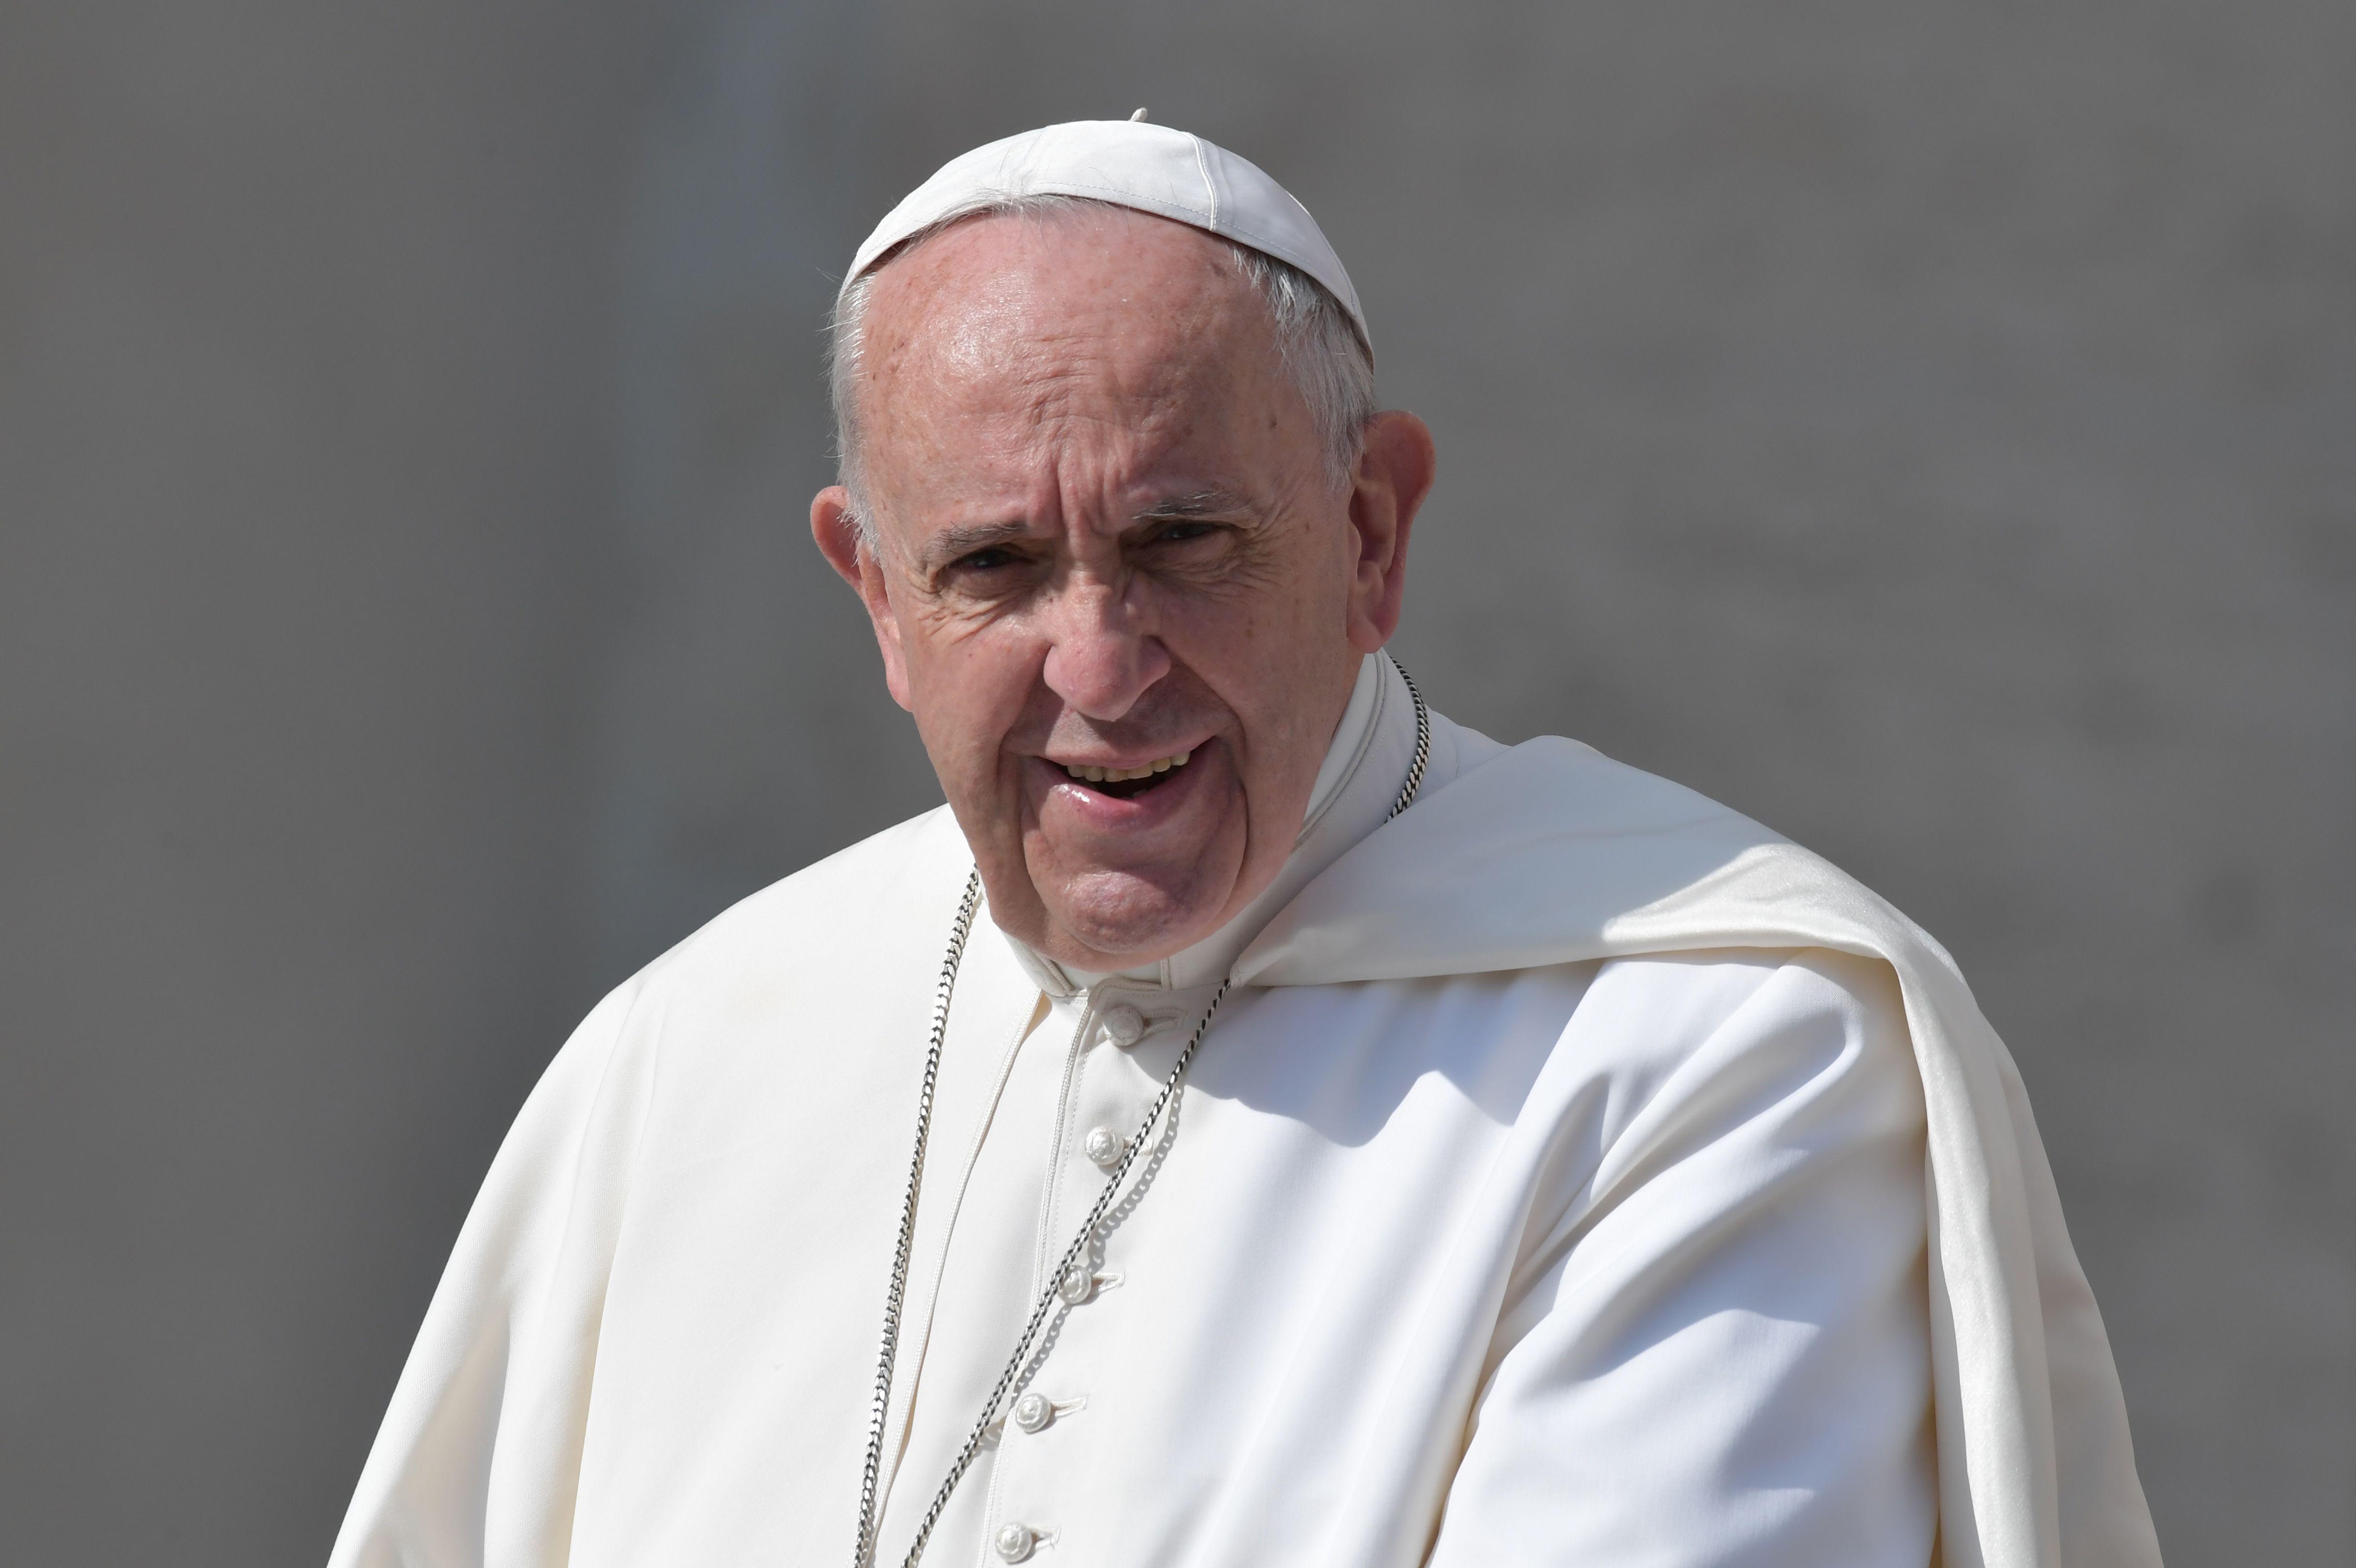 Papa Francisco fala em direto com astronautas no Espaço, [vídeo]